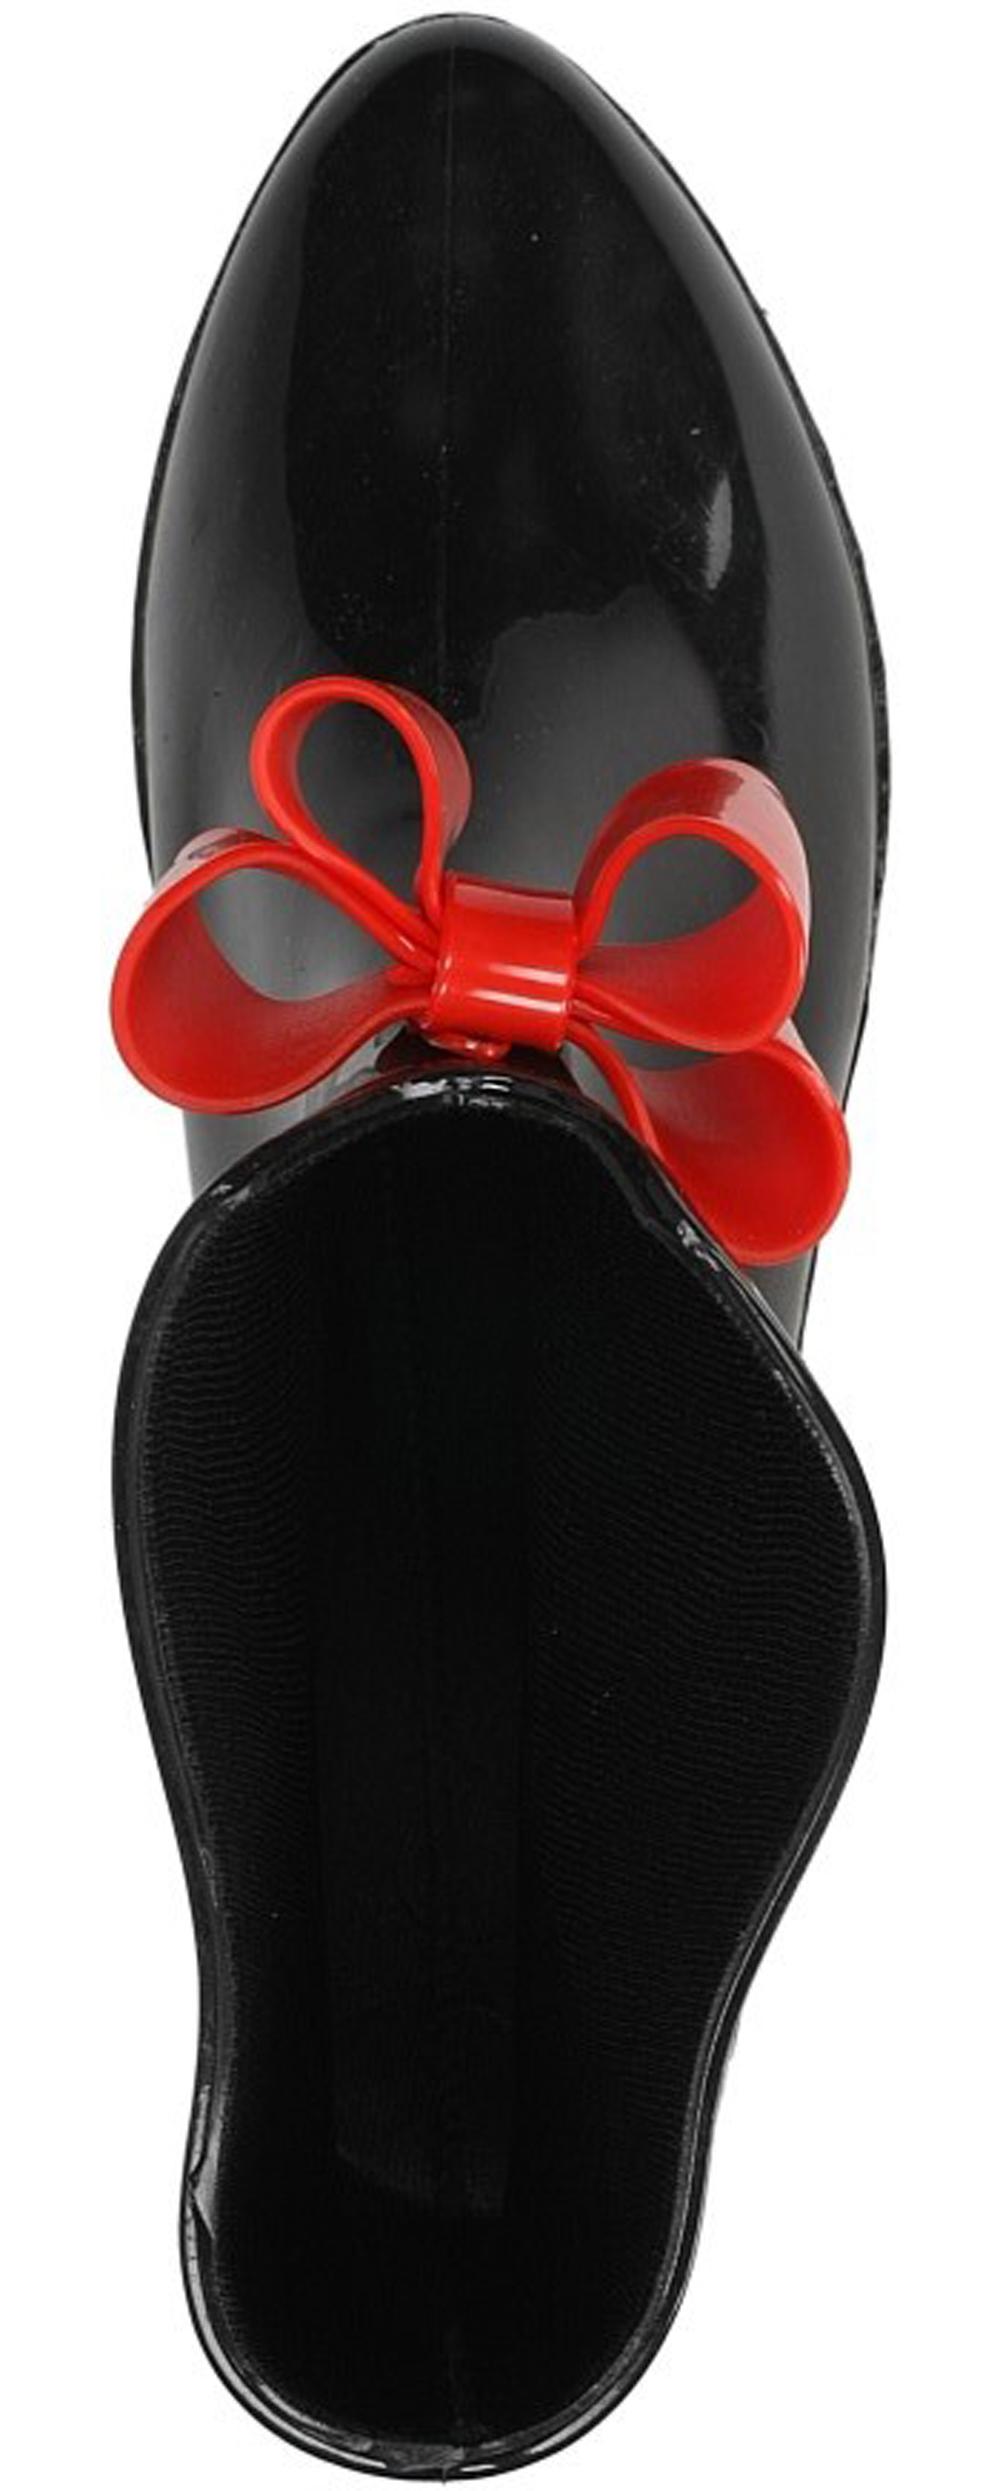 MELISKI CASU A02 kolor czarny, czerwony